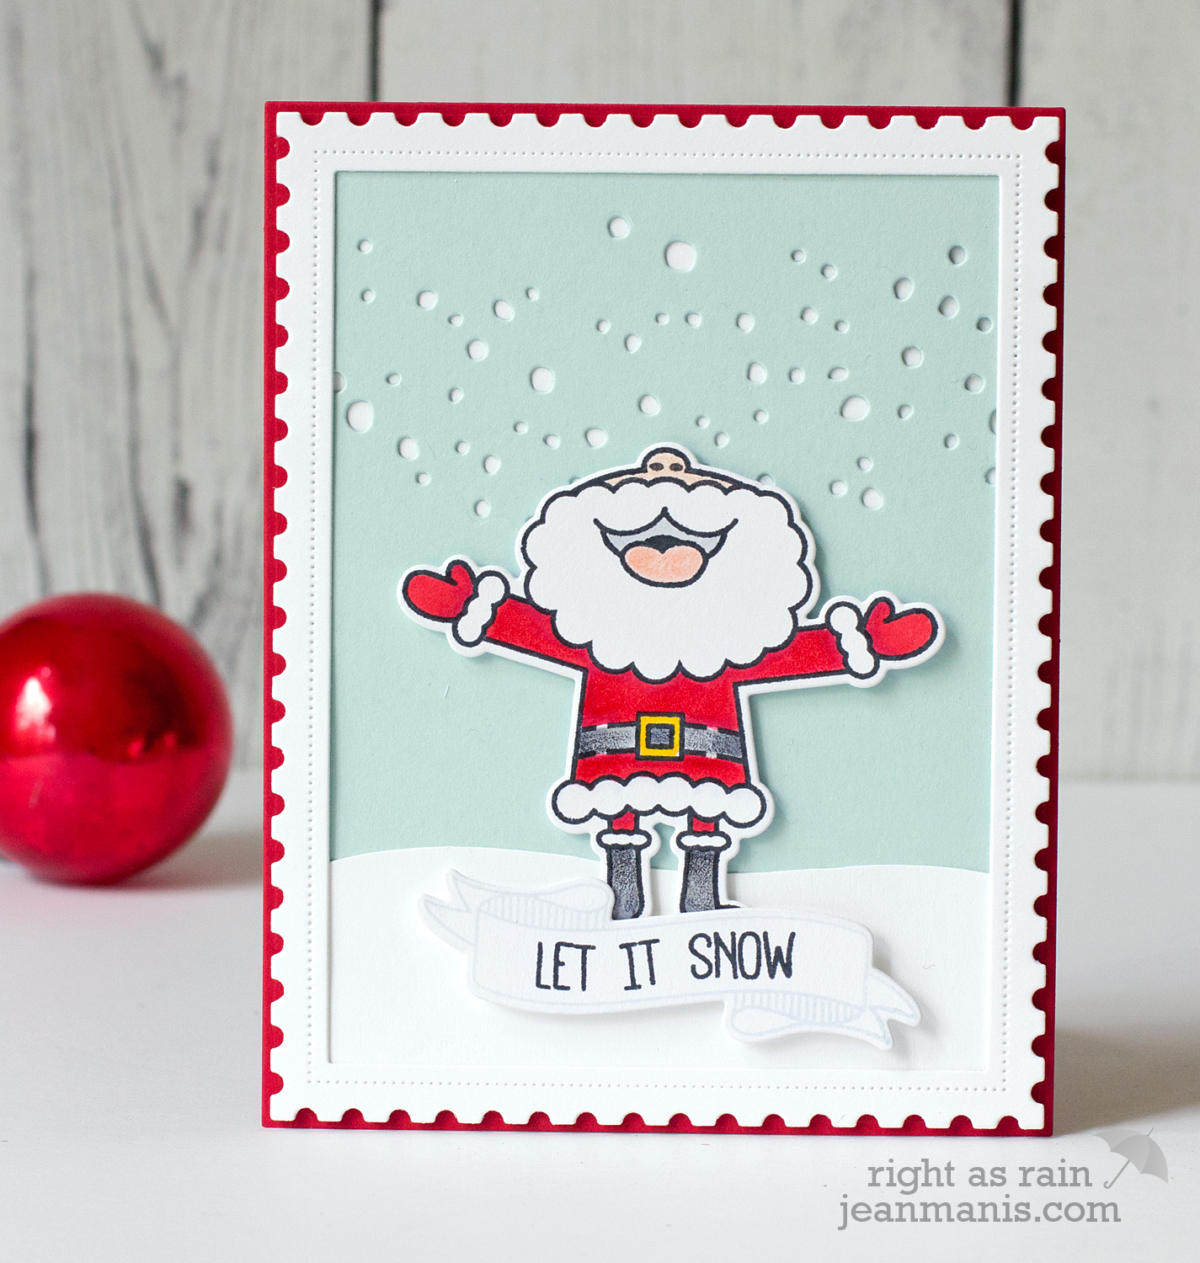 Let It Snow!